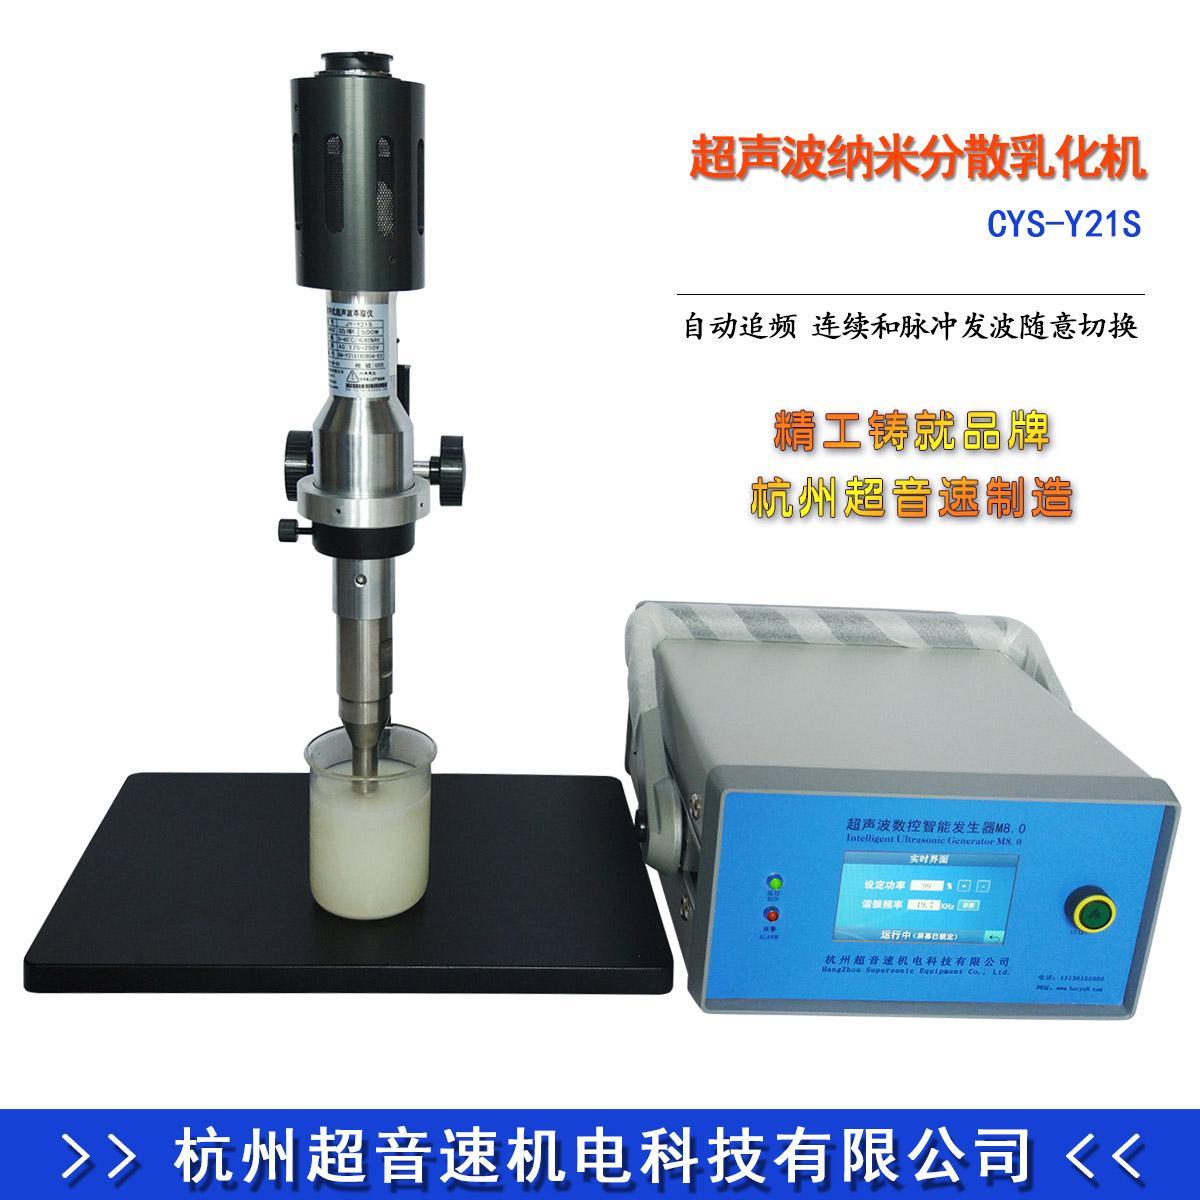 工业CYS-Y202G超声波石墨烯/纳米颗粒分散设备 3